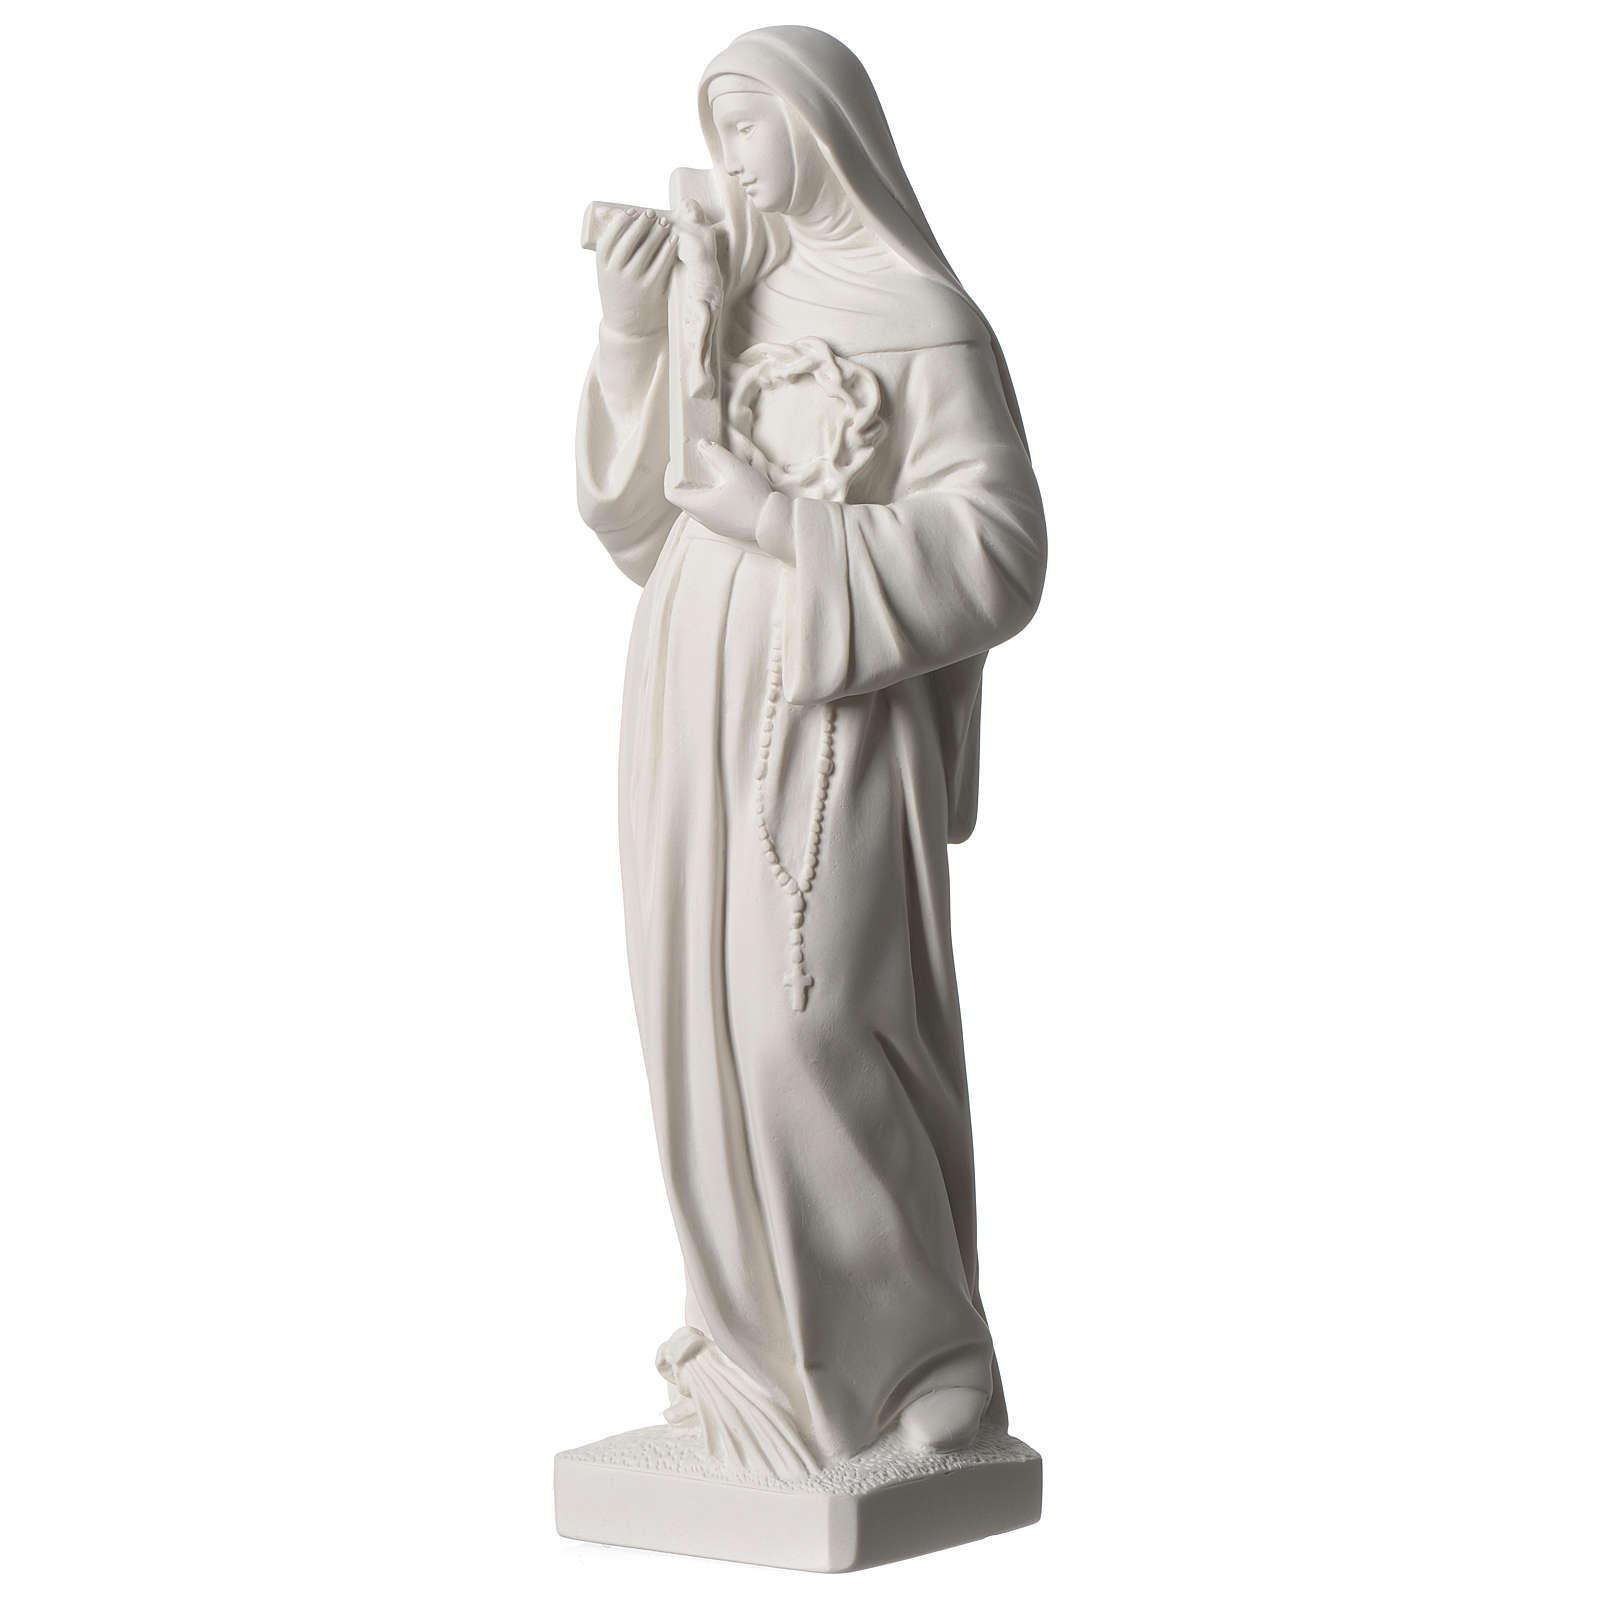 Statua Santa Rita polvere di marmo bianco 39 cm 4